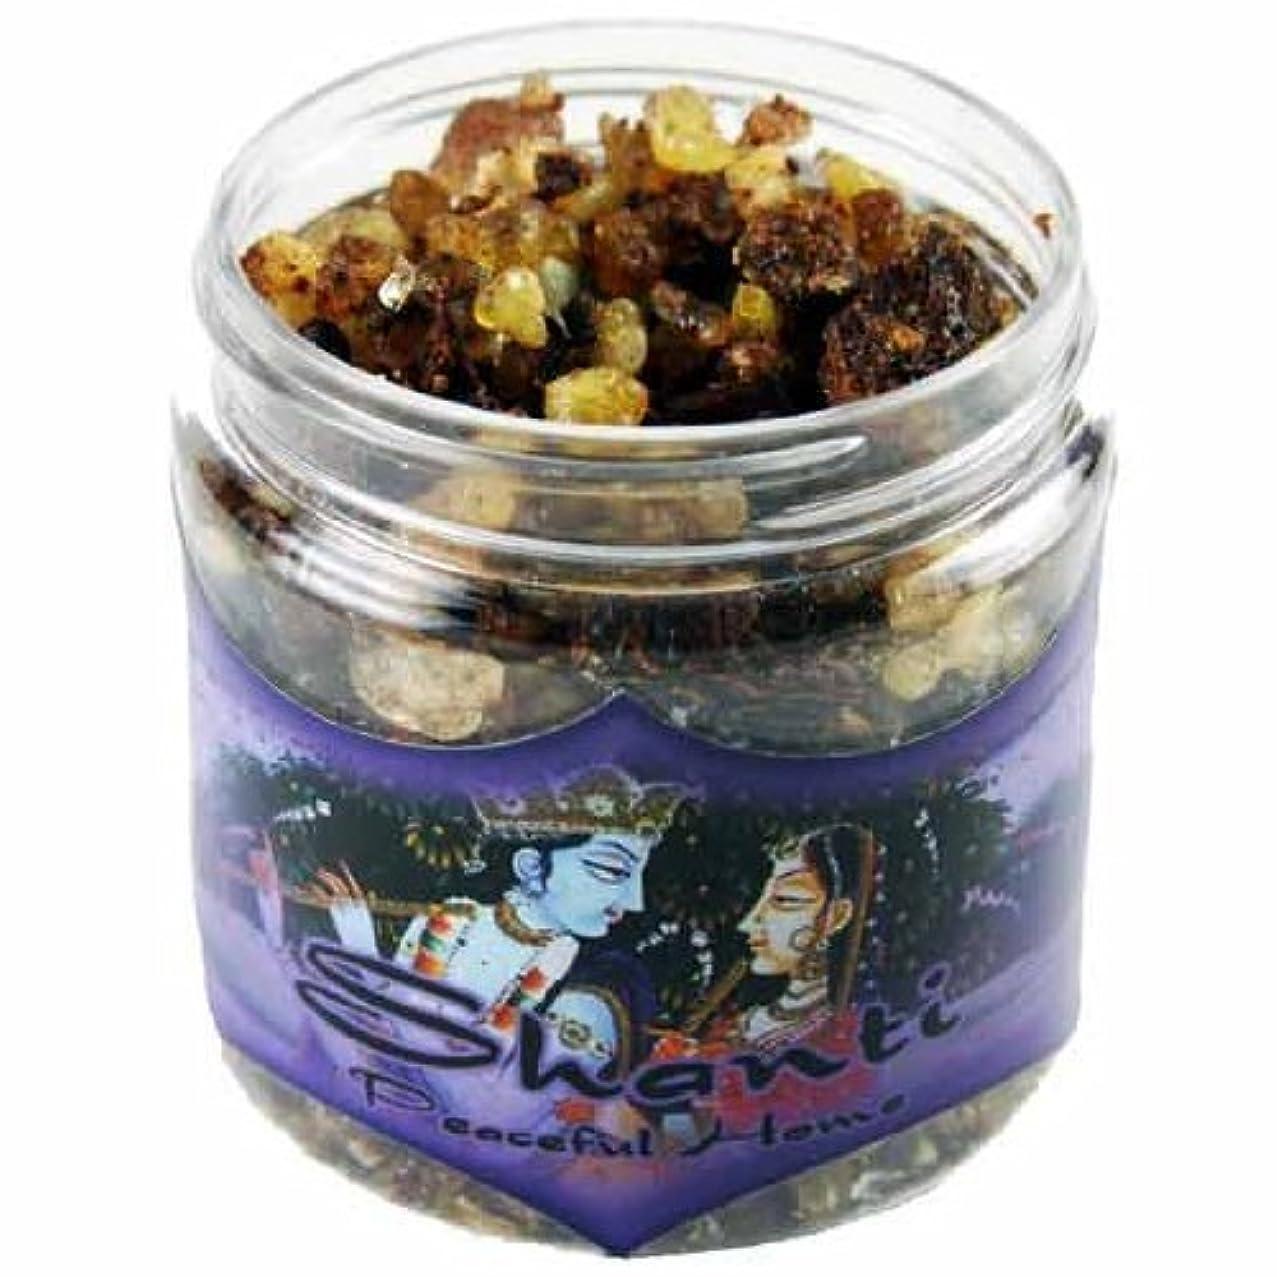 聖なる勃起洪水Resin Incense Shanti - Peaceful Home - 2.4oz jar [並行輸入品]